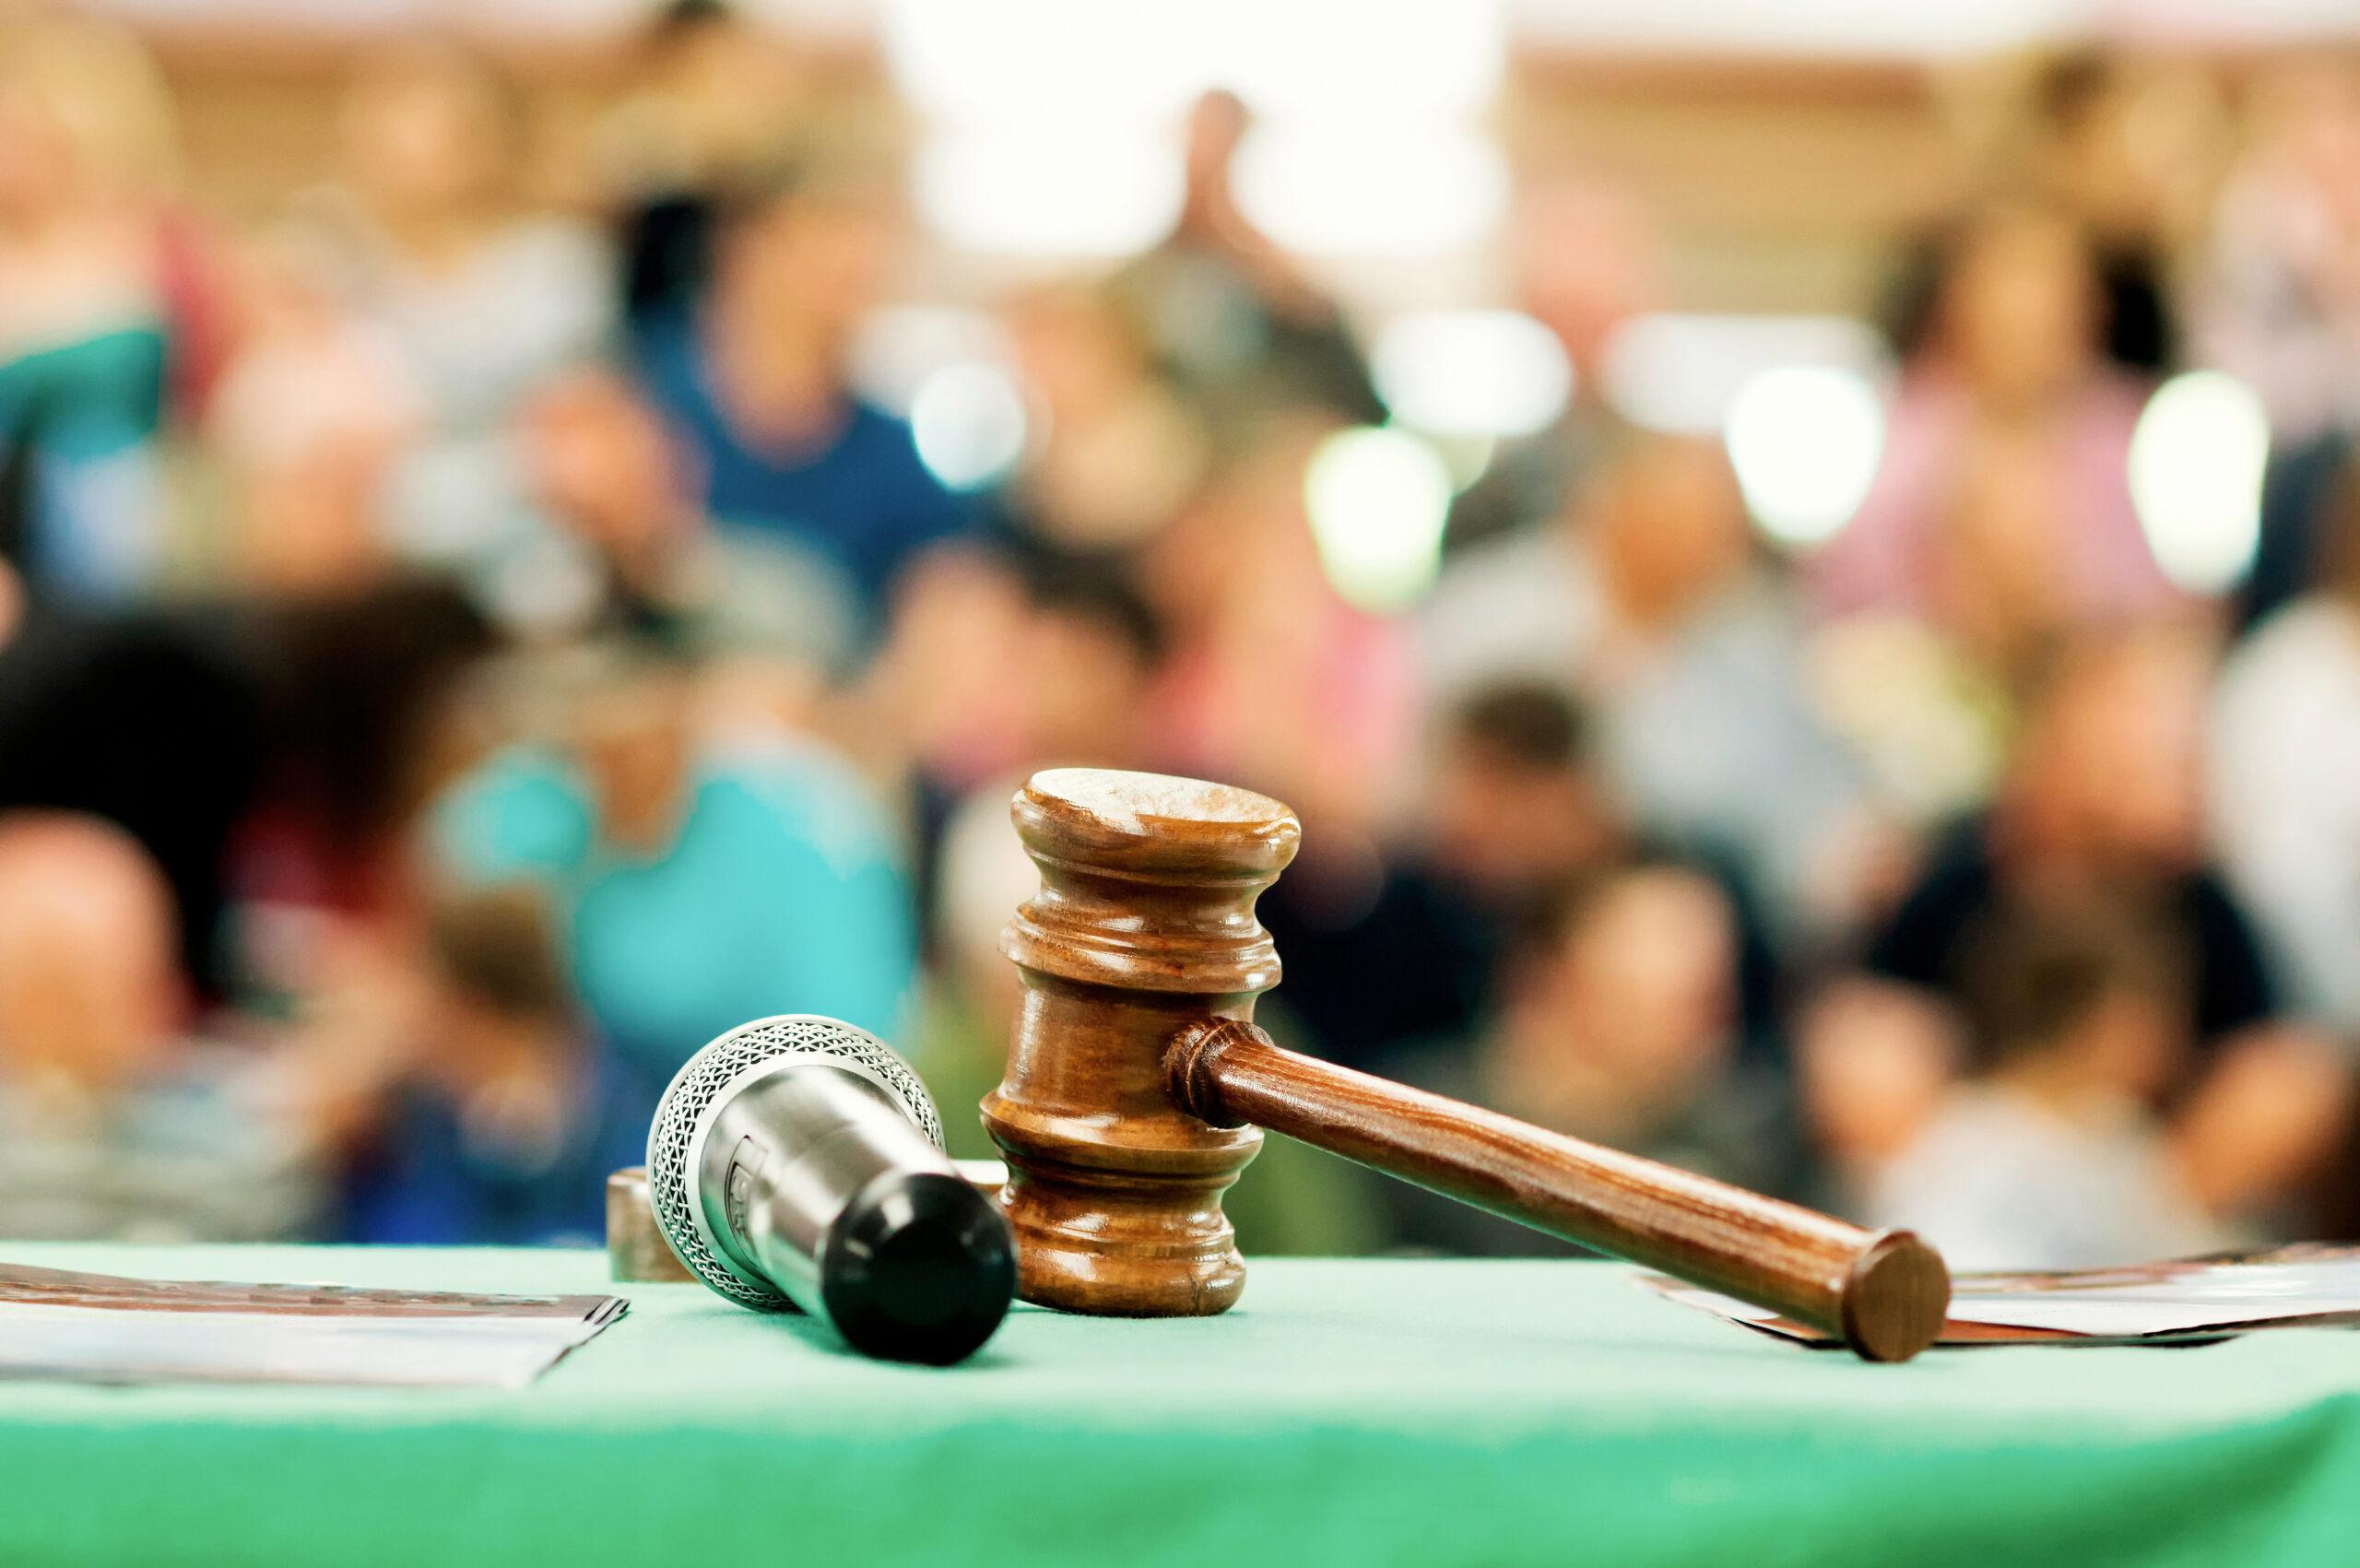 Auction,Bid,Sale,Judgment,Mallet,With,Public